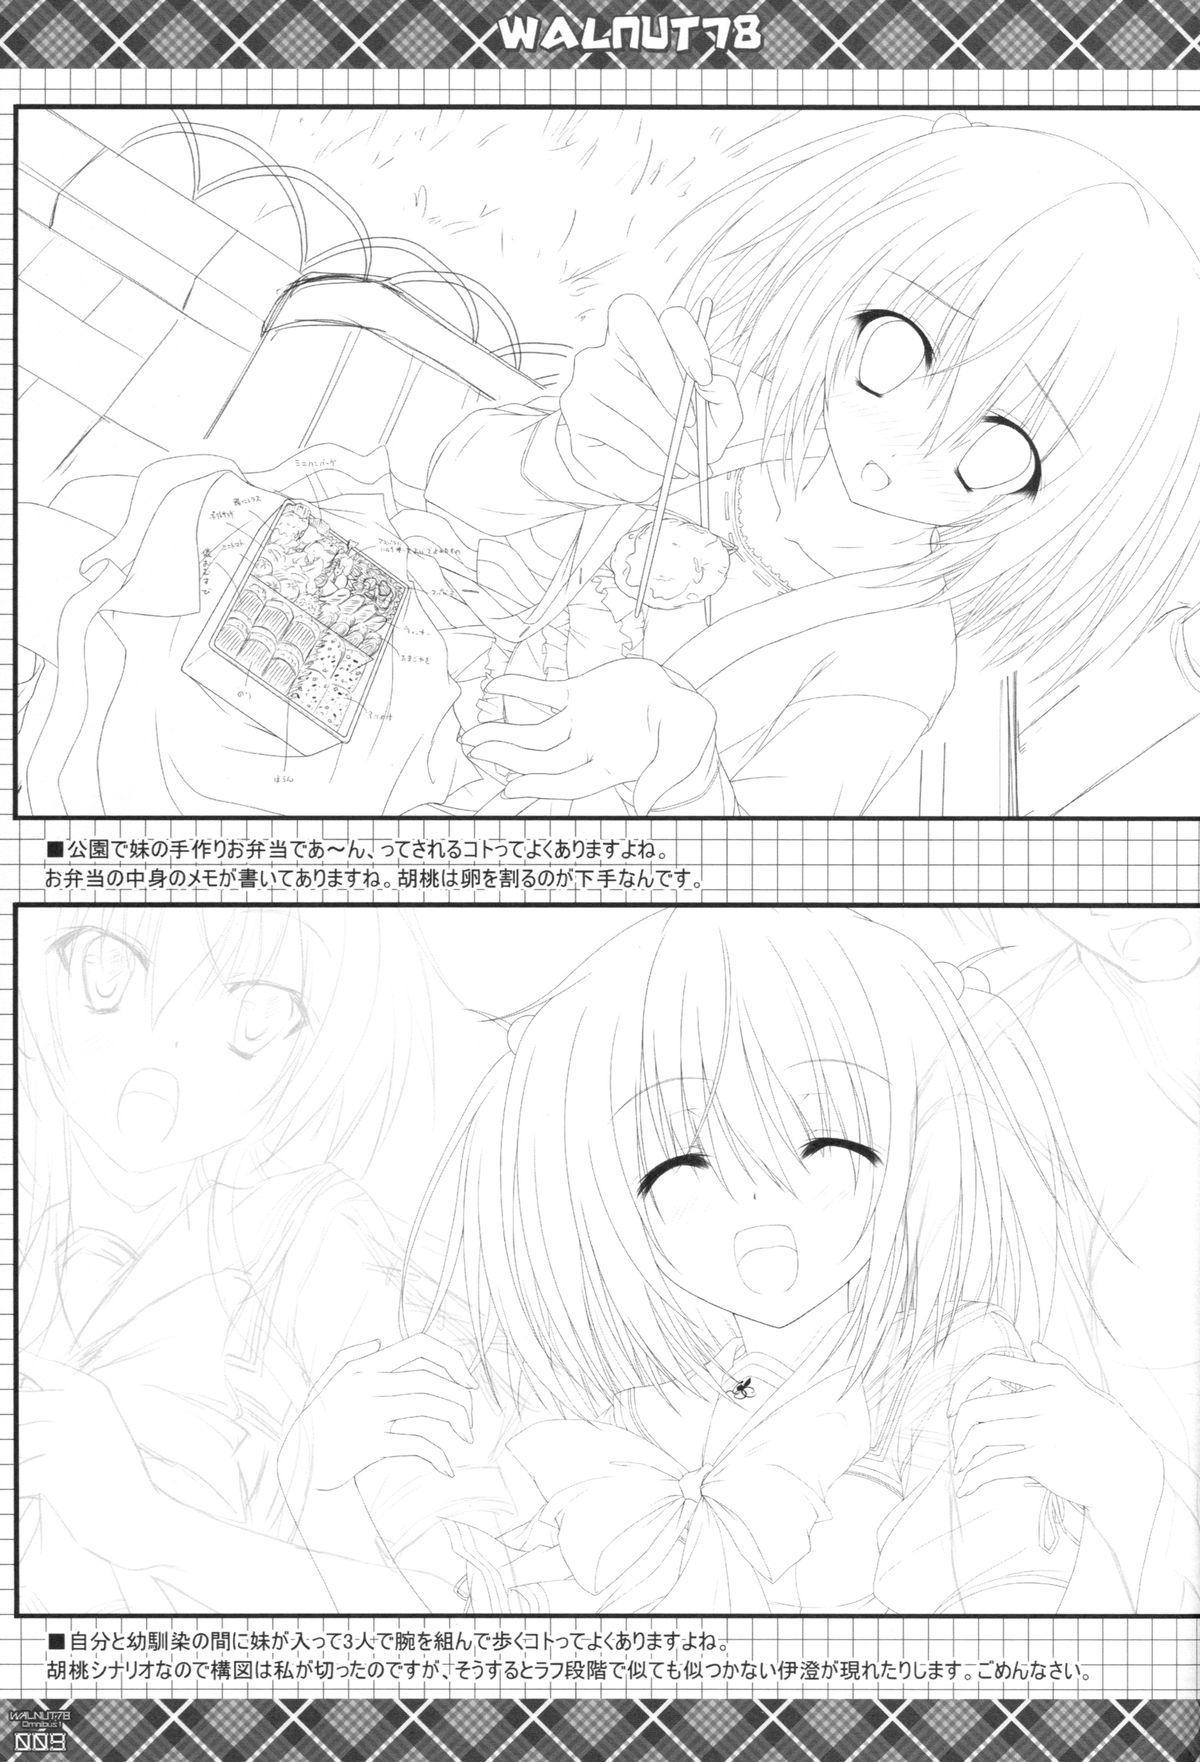 (C89) [Sui-en (Sui-en)] WALNUT78 Omnibus 1 -Suien-en Illustrations 2012-2014- (Various) 6